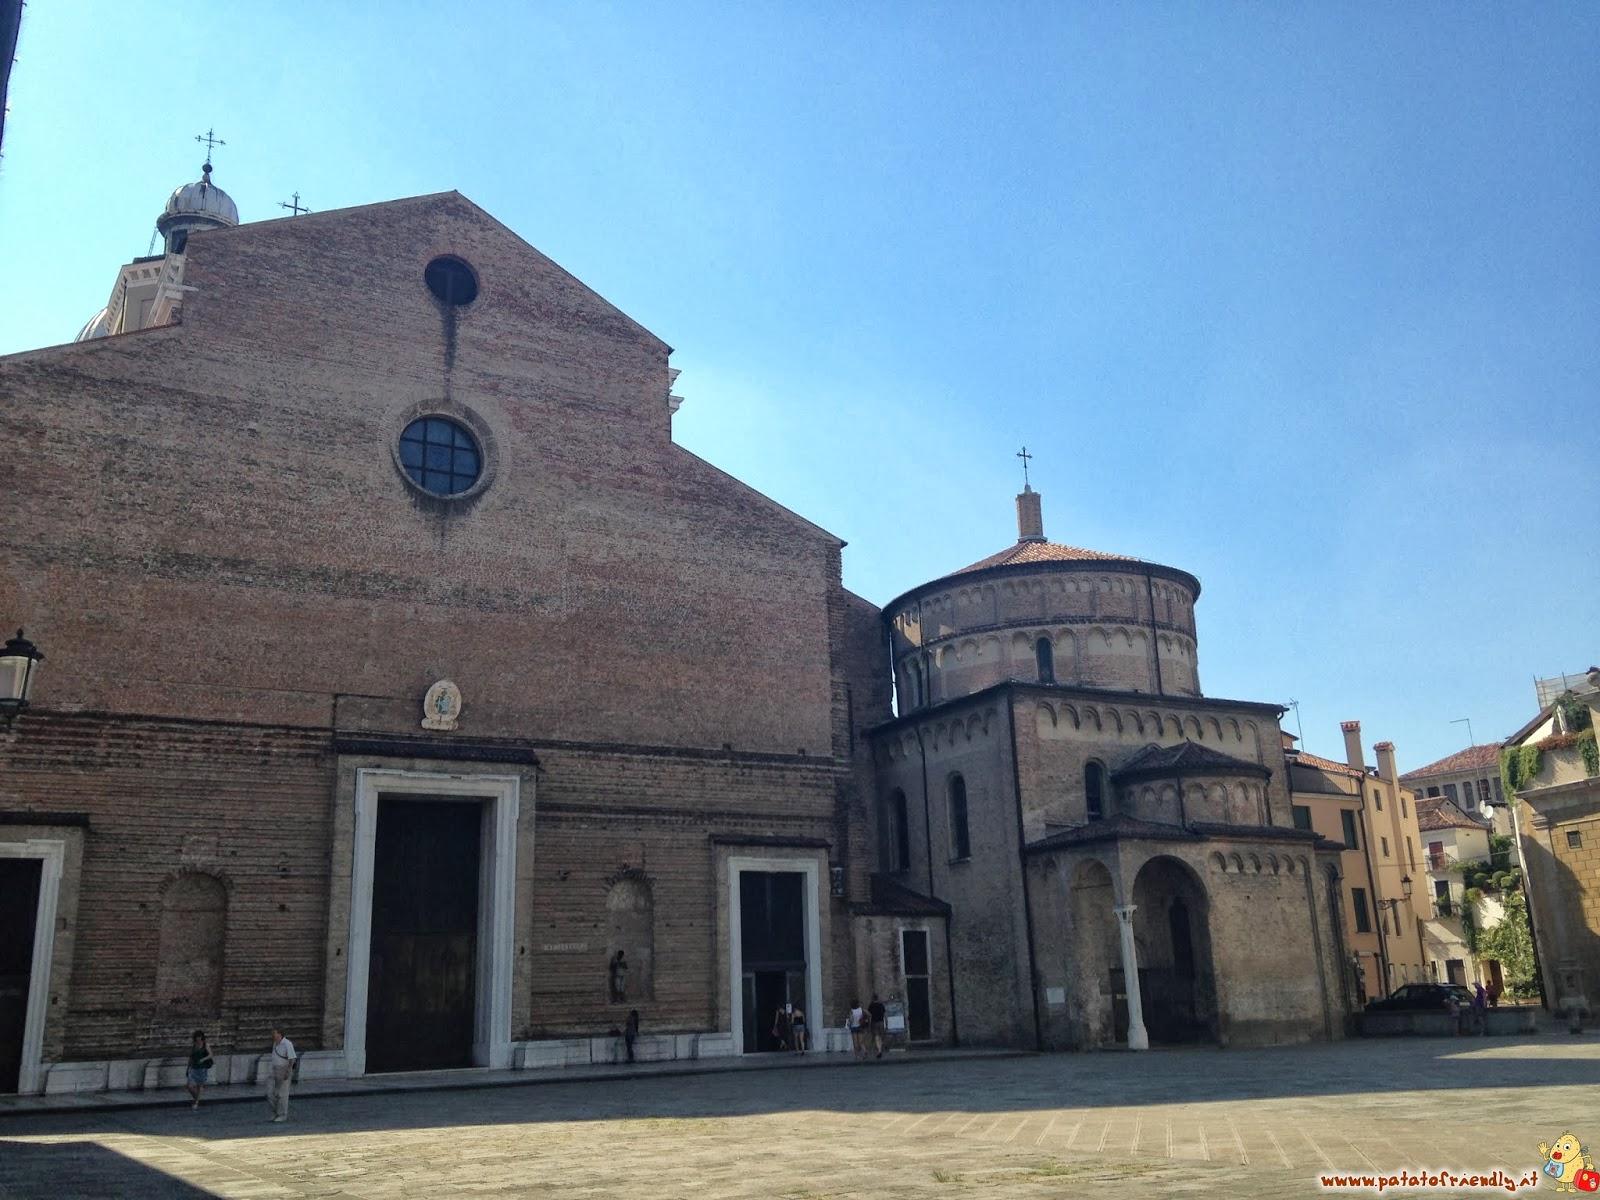 Padova: La piazza del Battistero